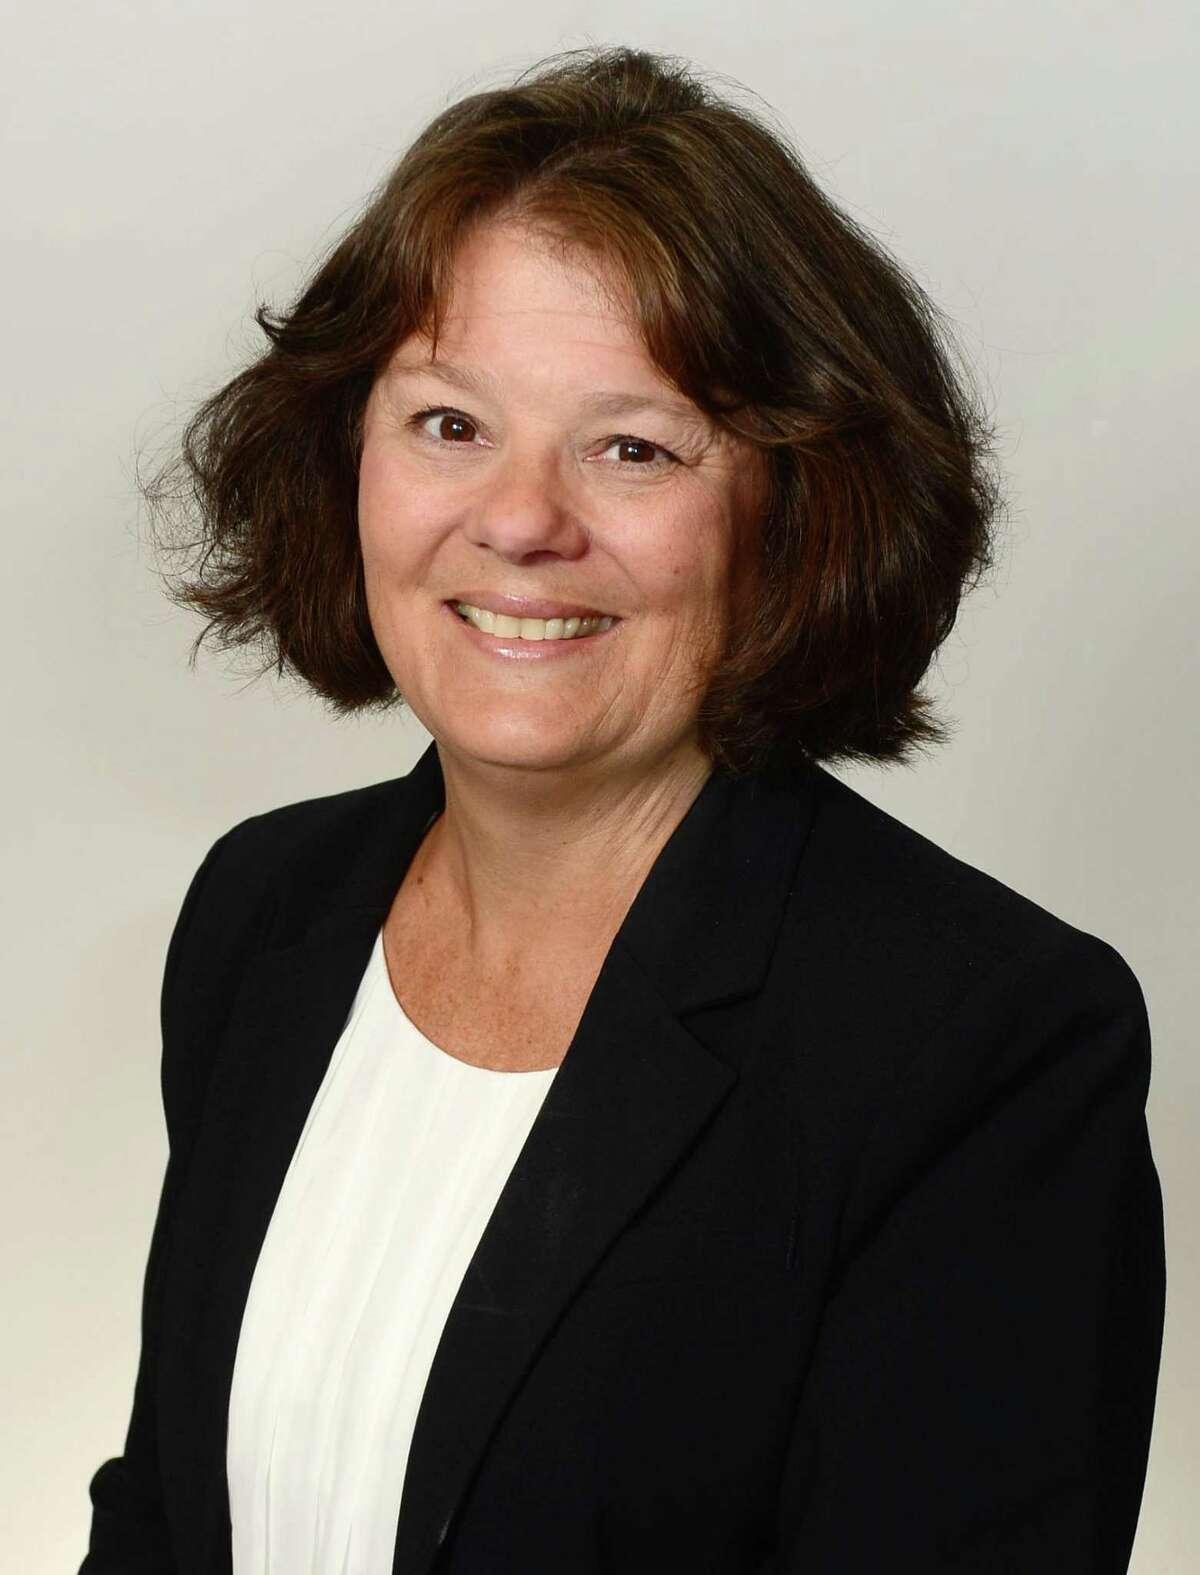 Norwalk Mayoral candidate Lisa Brinton.